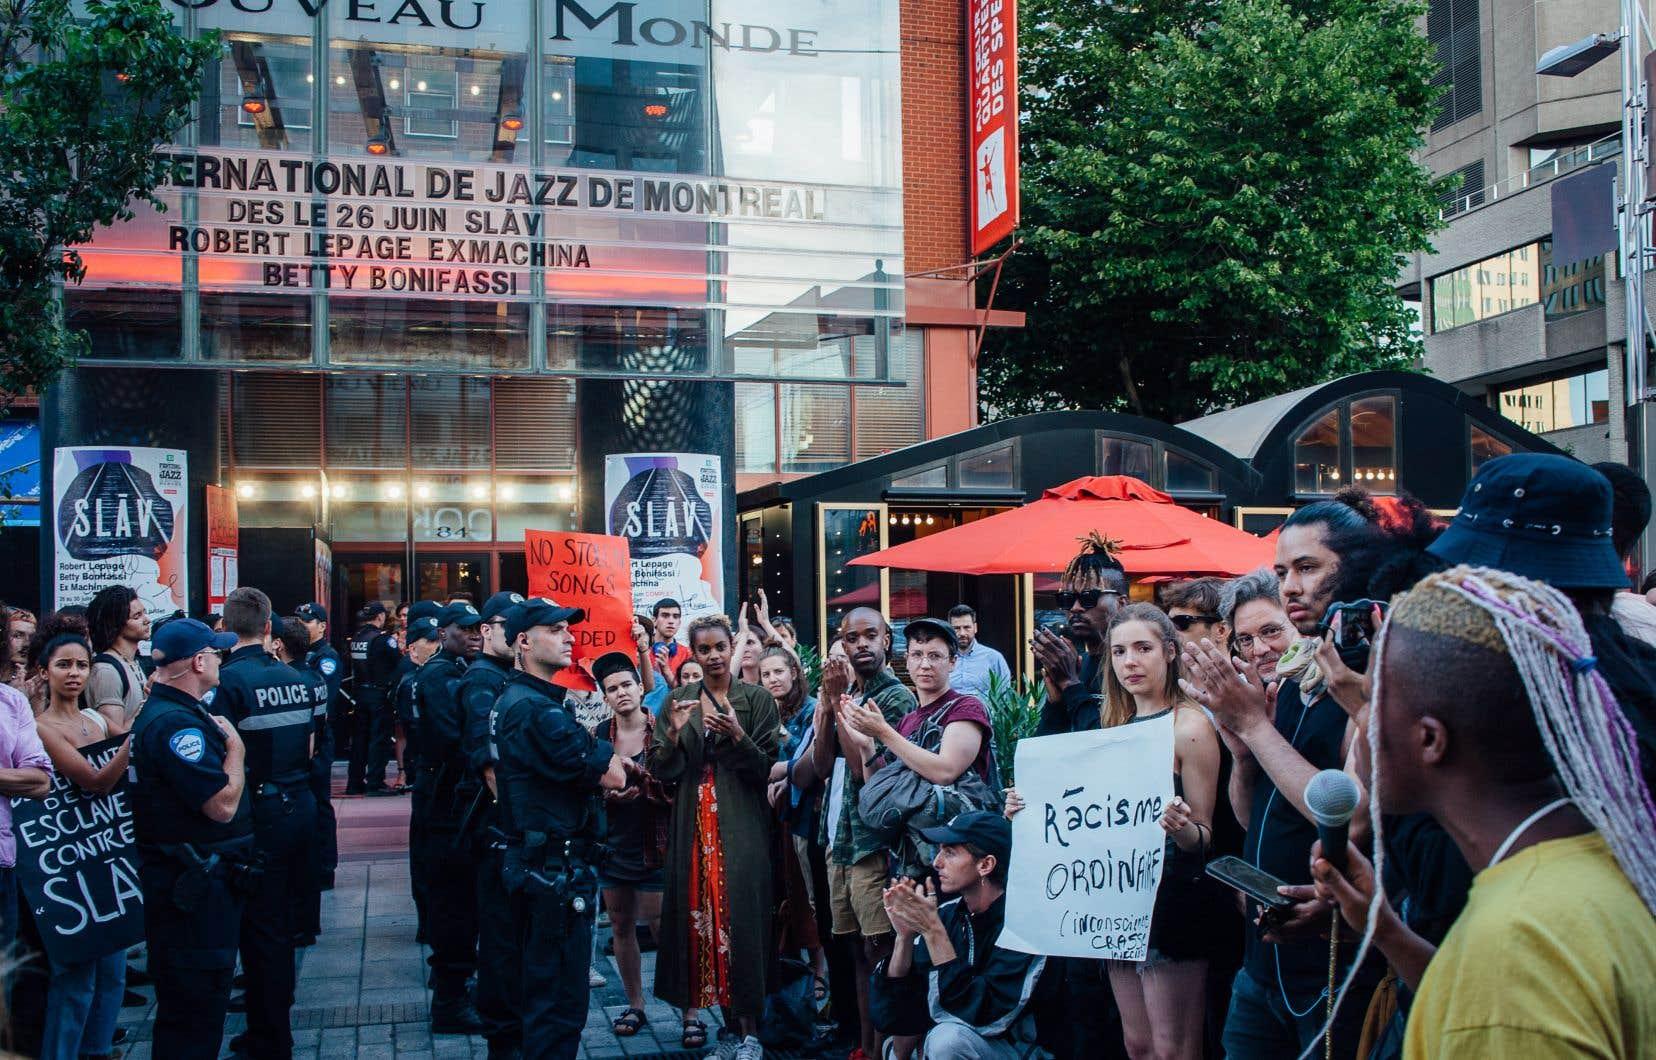 Je dois avouer avoir été éveillé par la formidable énergie que les manifestants qui m'ont accueilli au théâtre déployaient lors de l'avant-première du spectacle «SLAV», confie l'auteur.